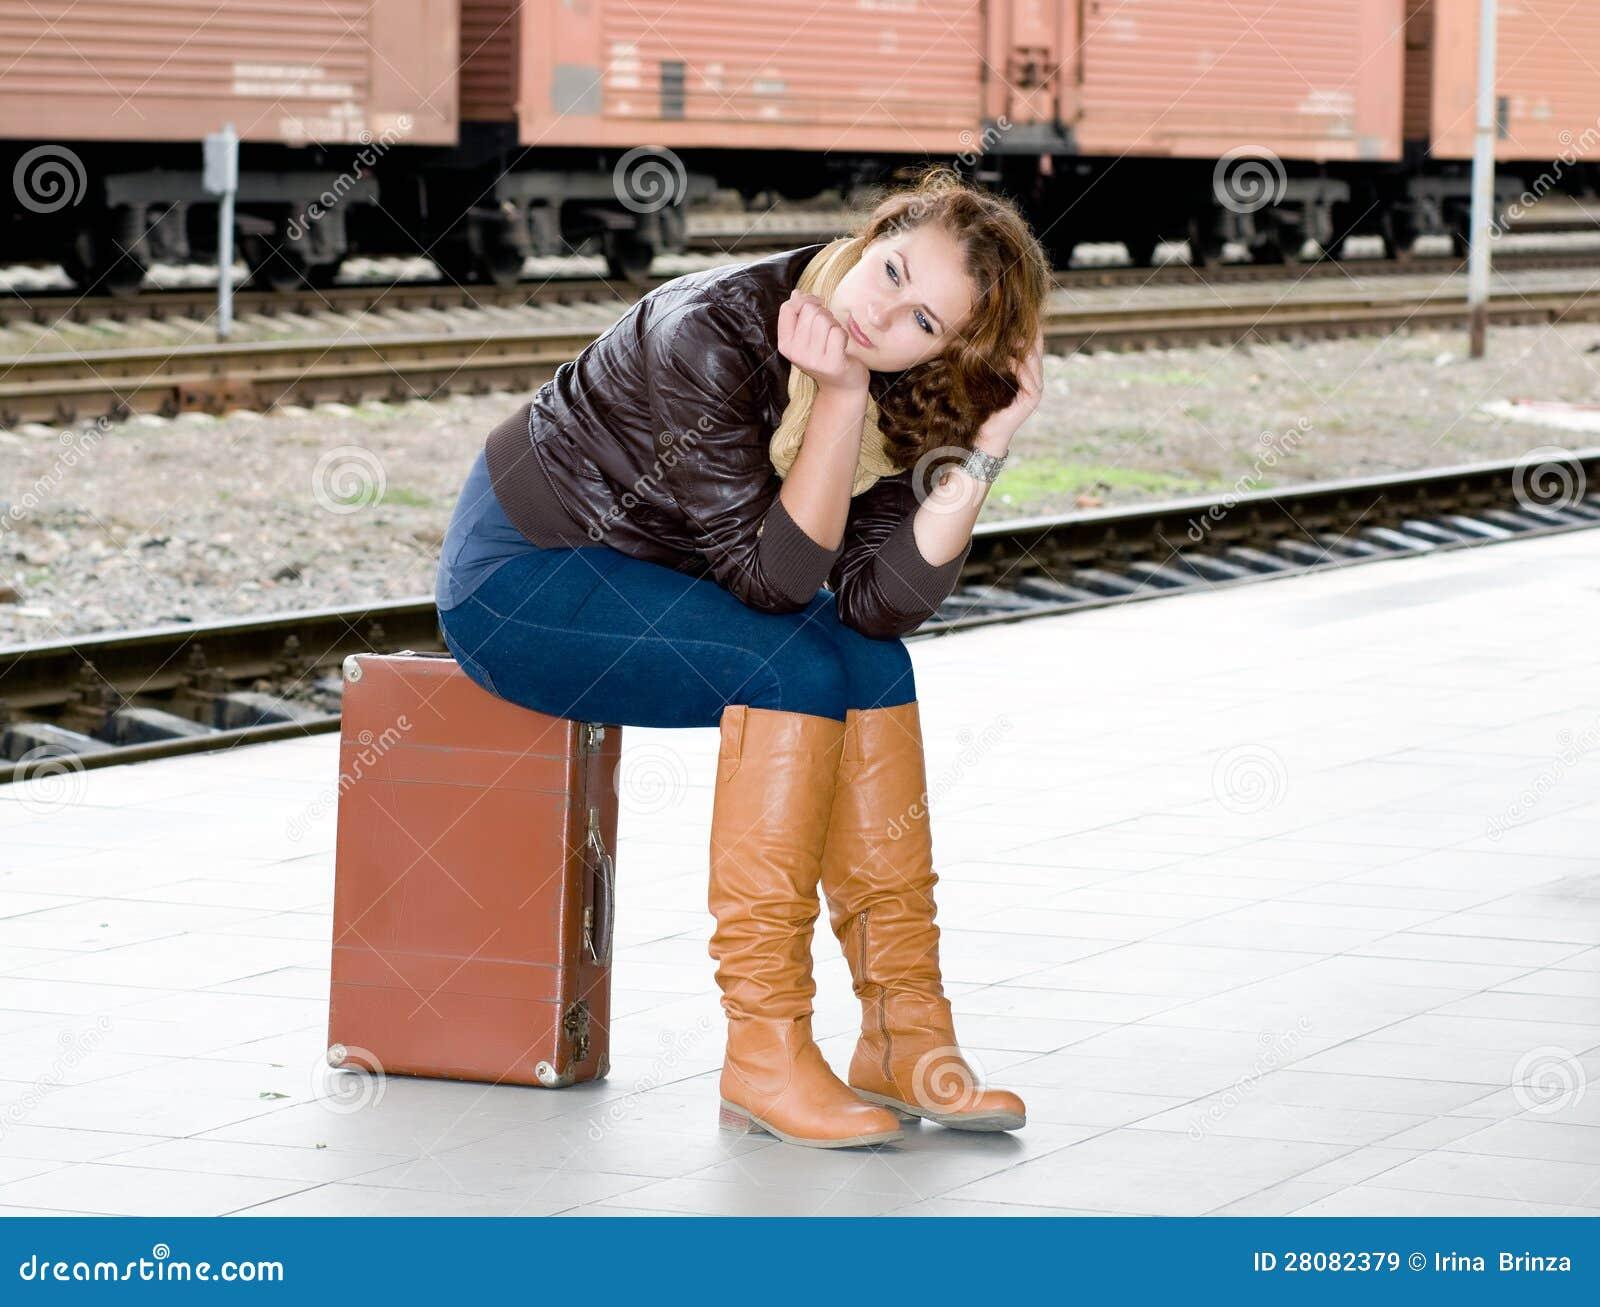 Het meisje is koffer wachtend op de trein royalty vrije stock afbeeldingen beeld 28082379 - Beeld het meisje van ...